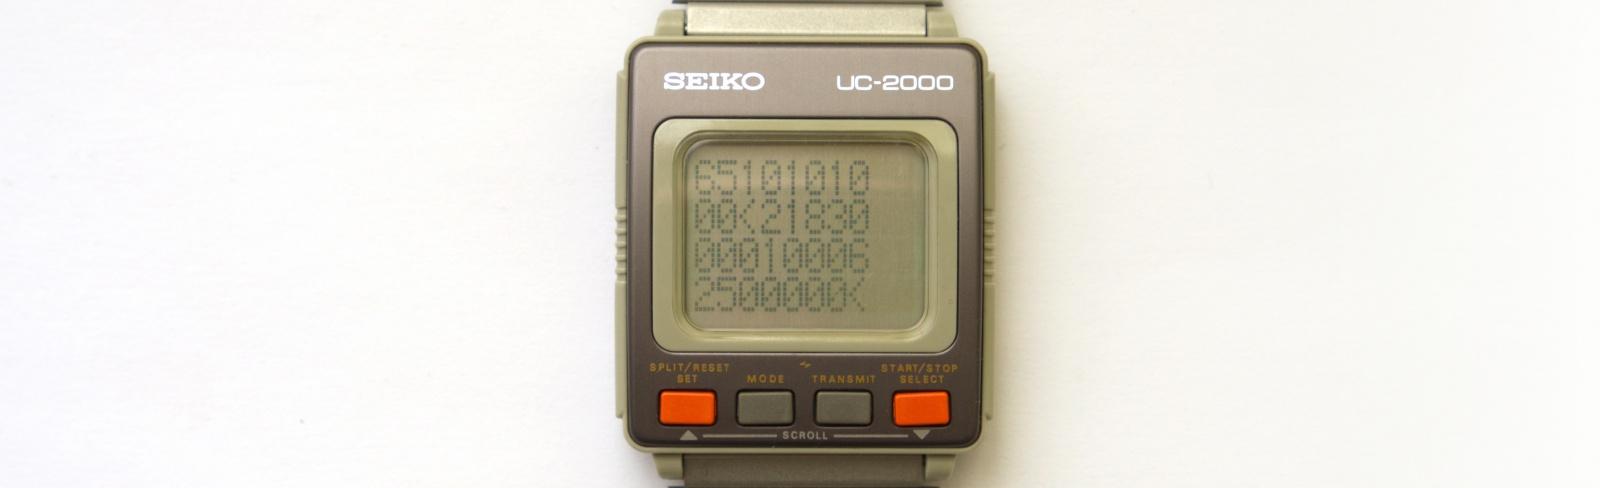 Реверс-инжиниринг первых умных часов Seiko UC-2000 - 9